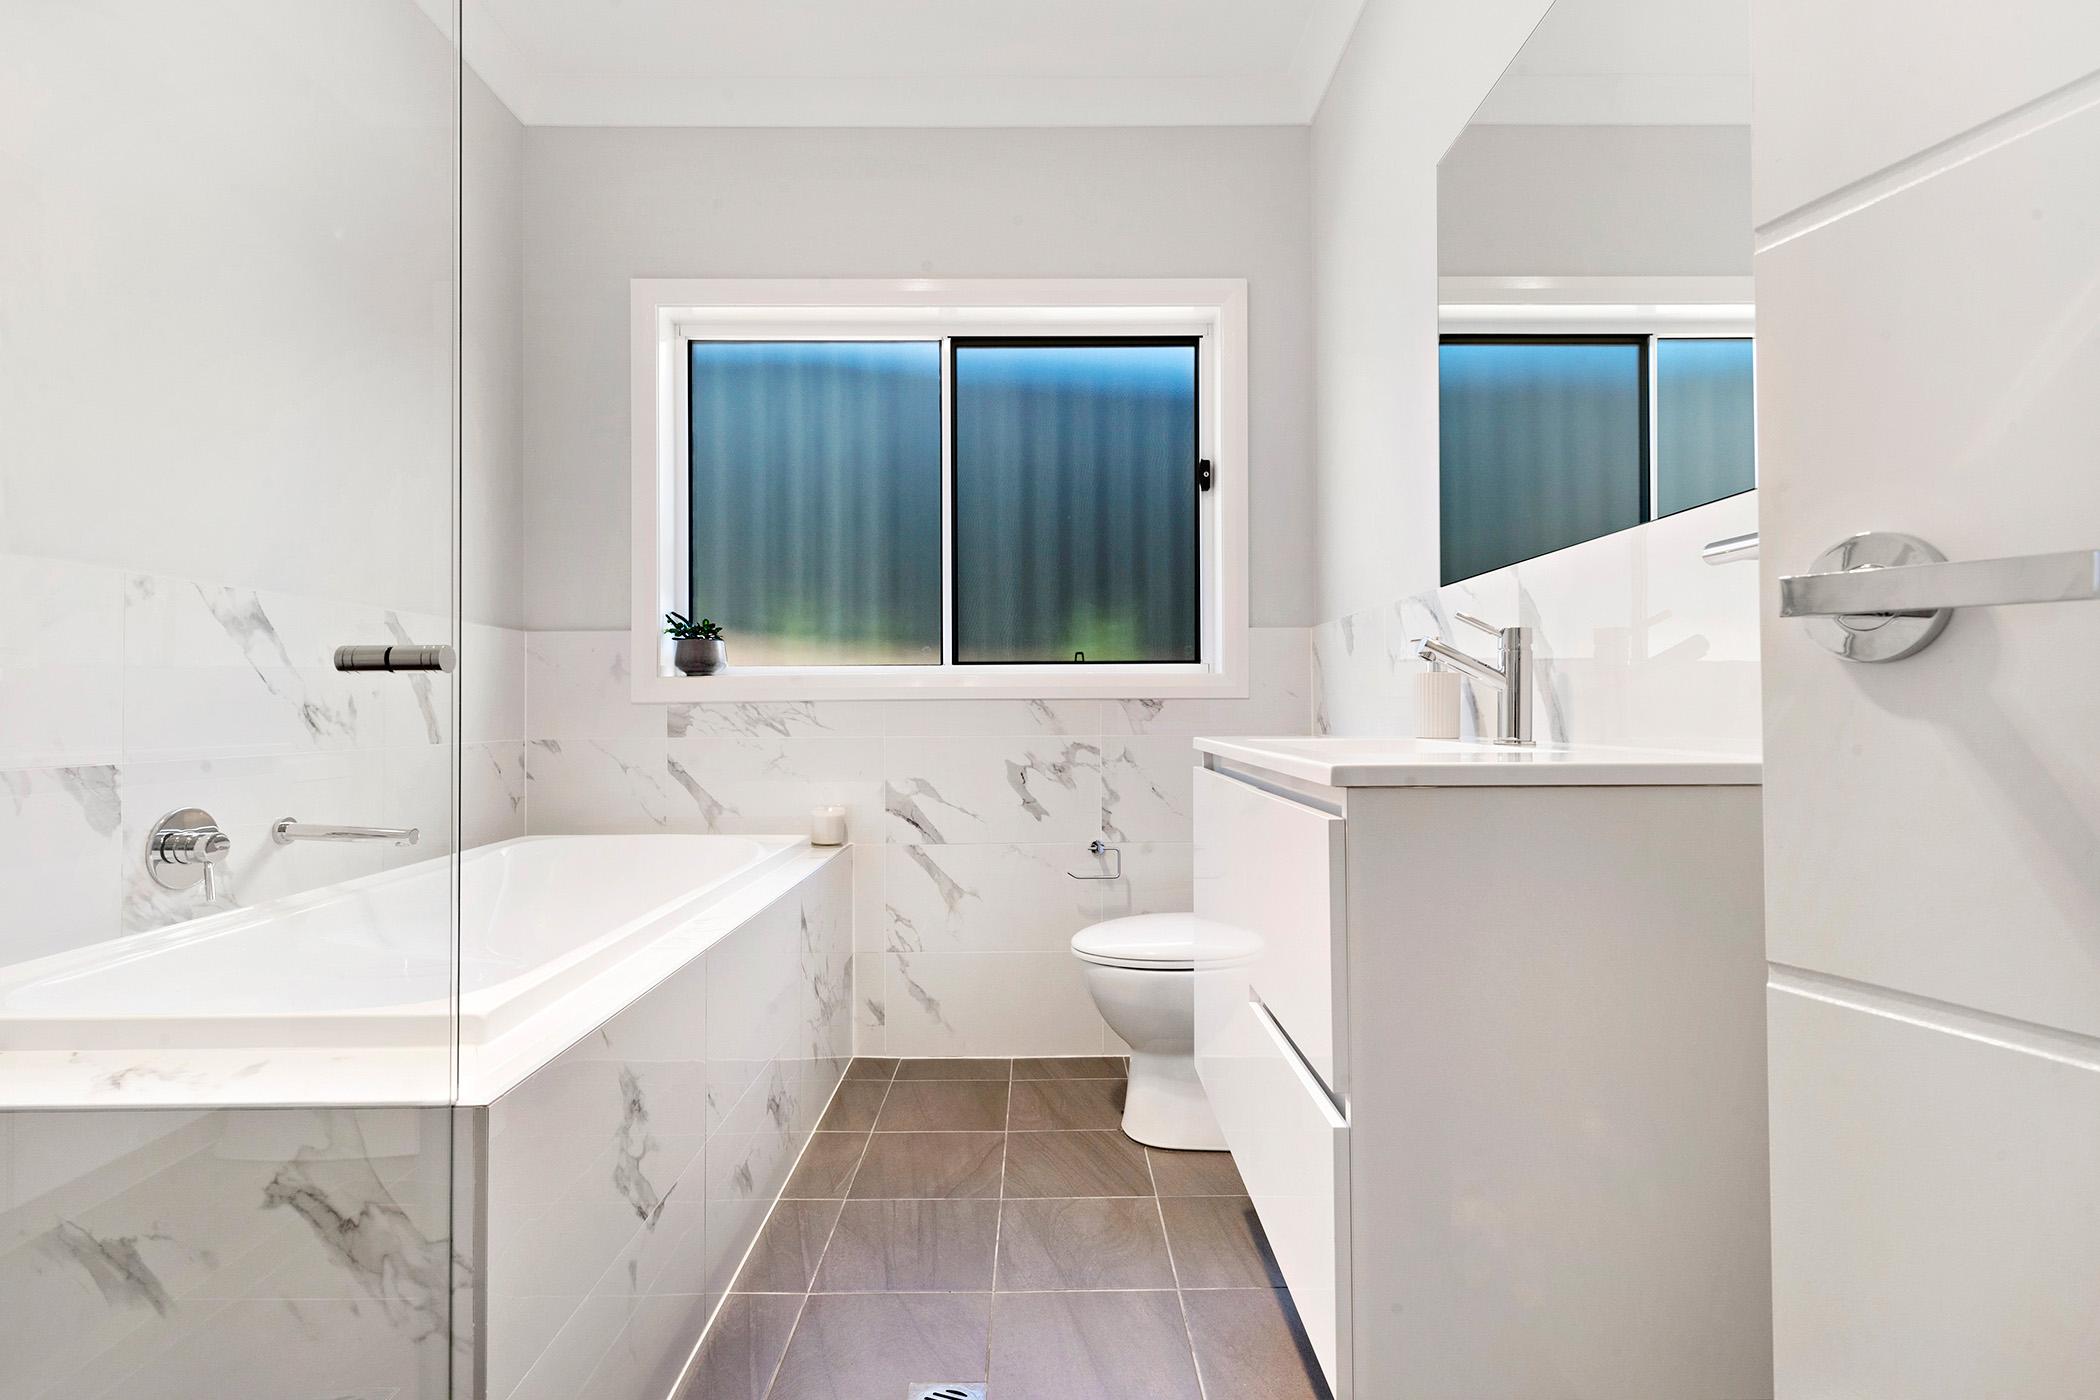 Bathroom in Cameron Park home